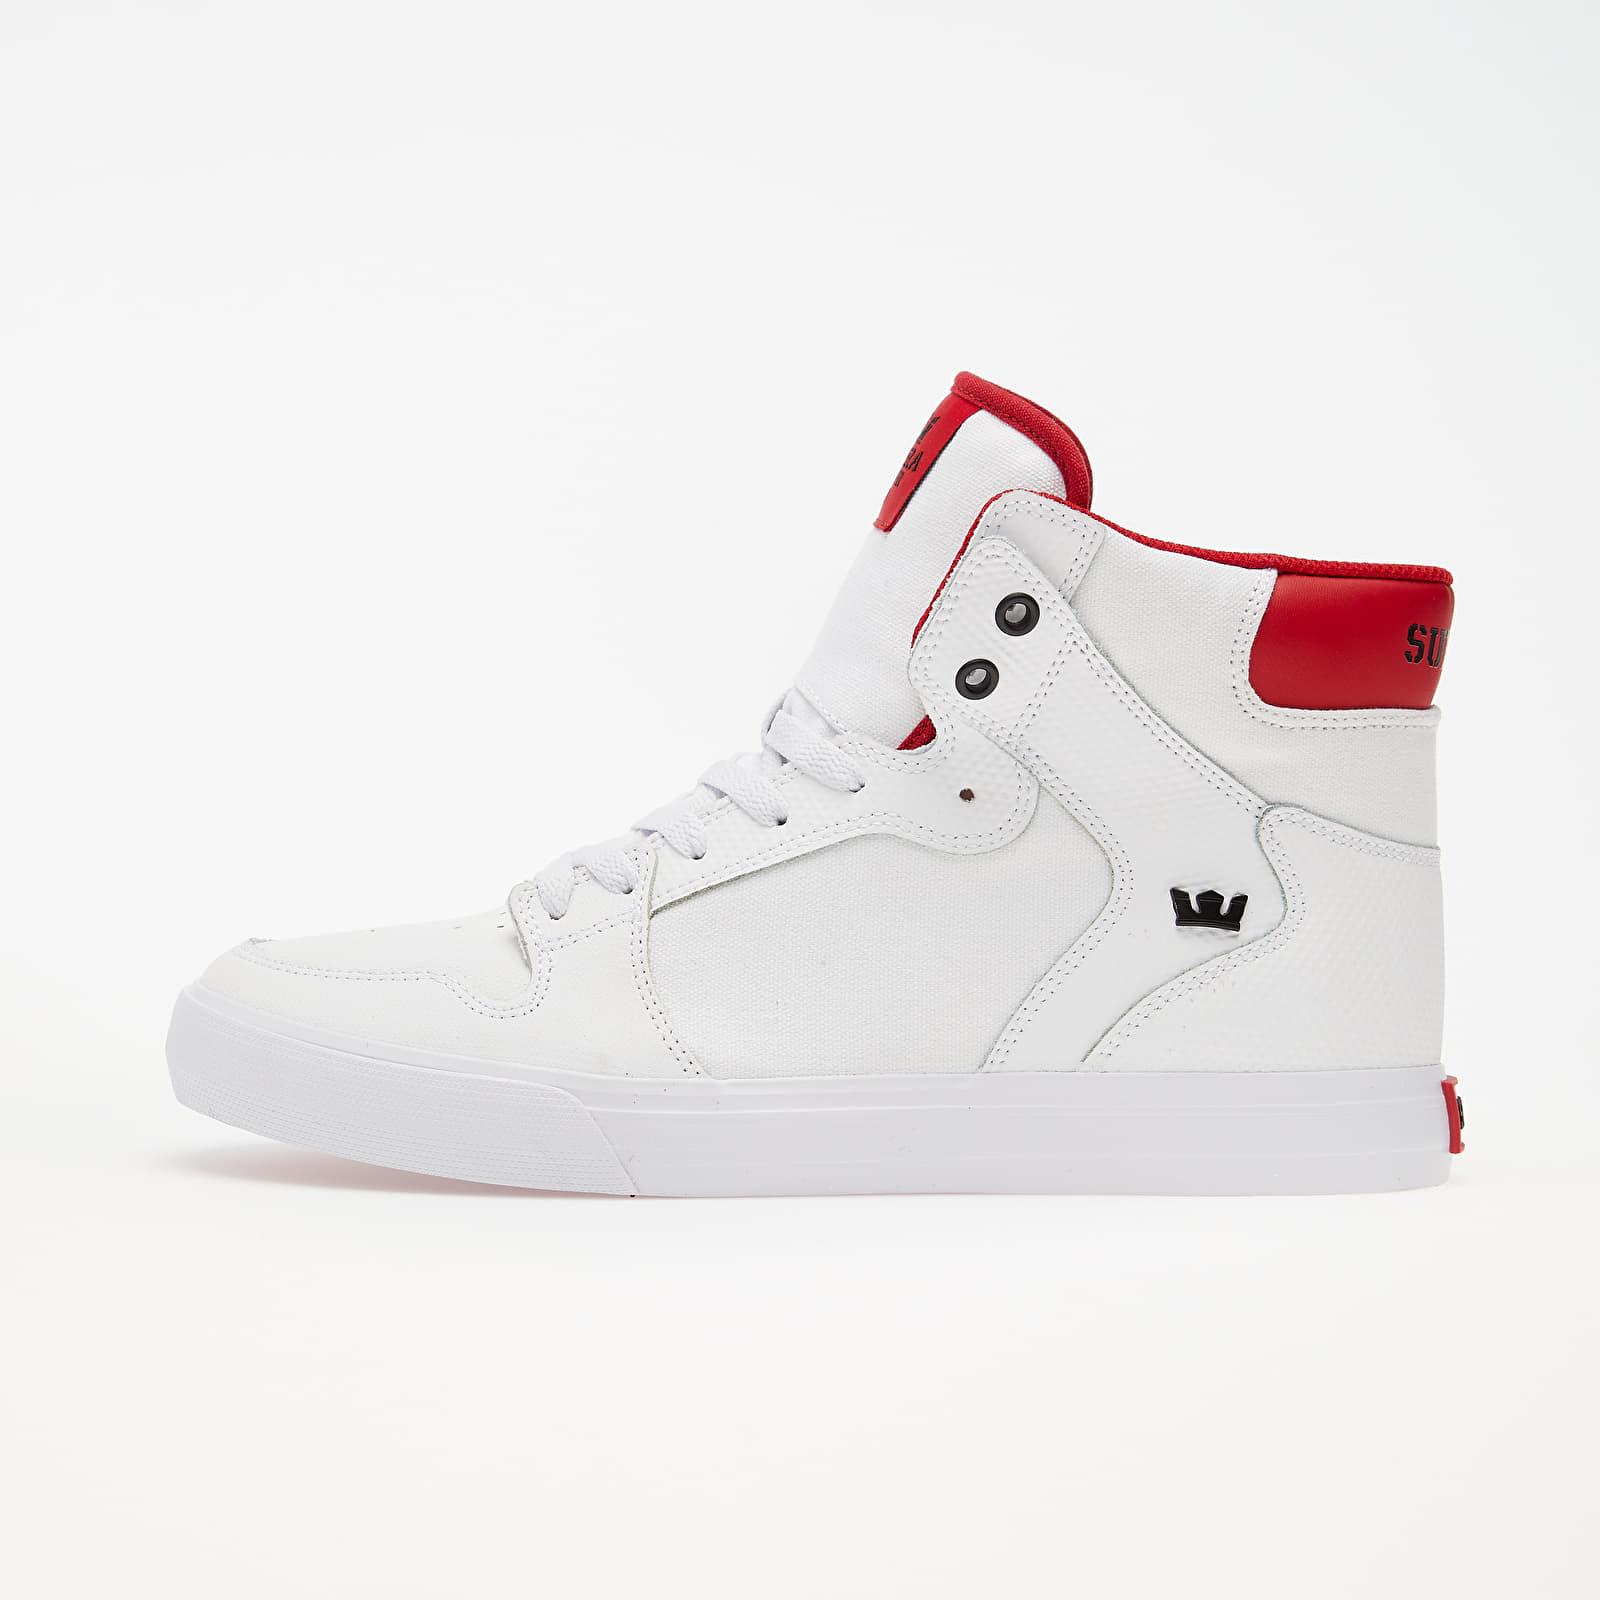 Pánské tenisky a boty Supra Vaider White/ Red-White